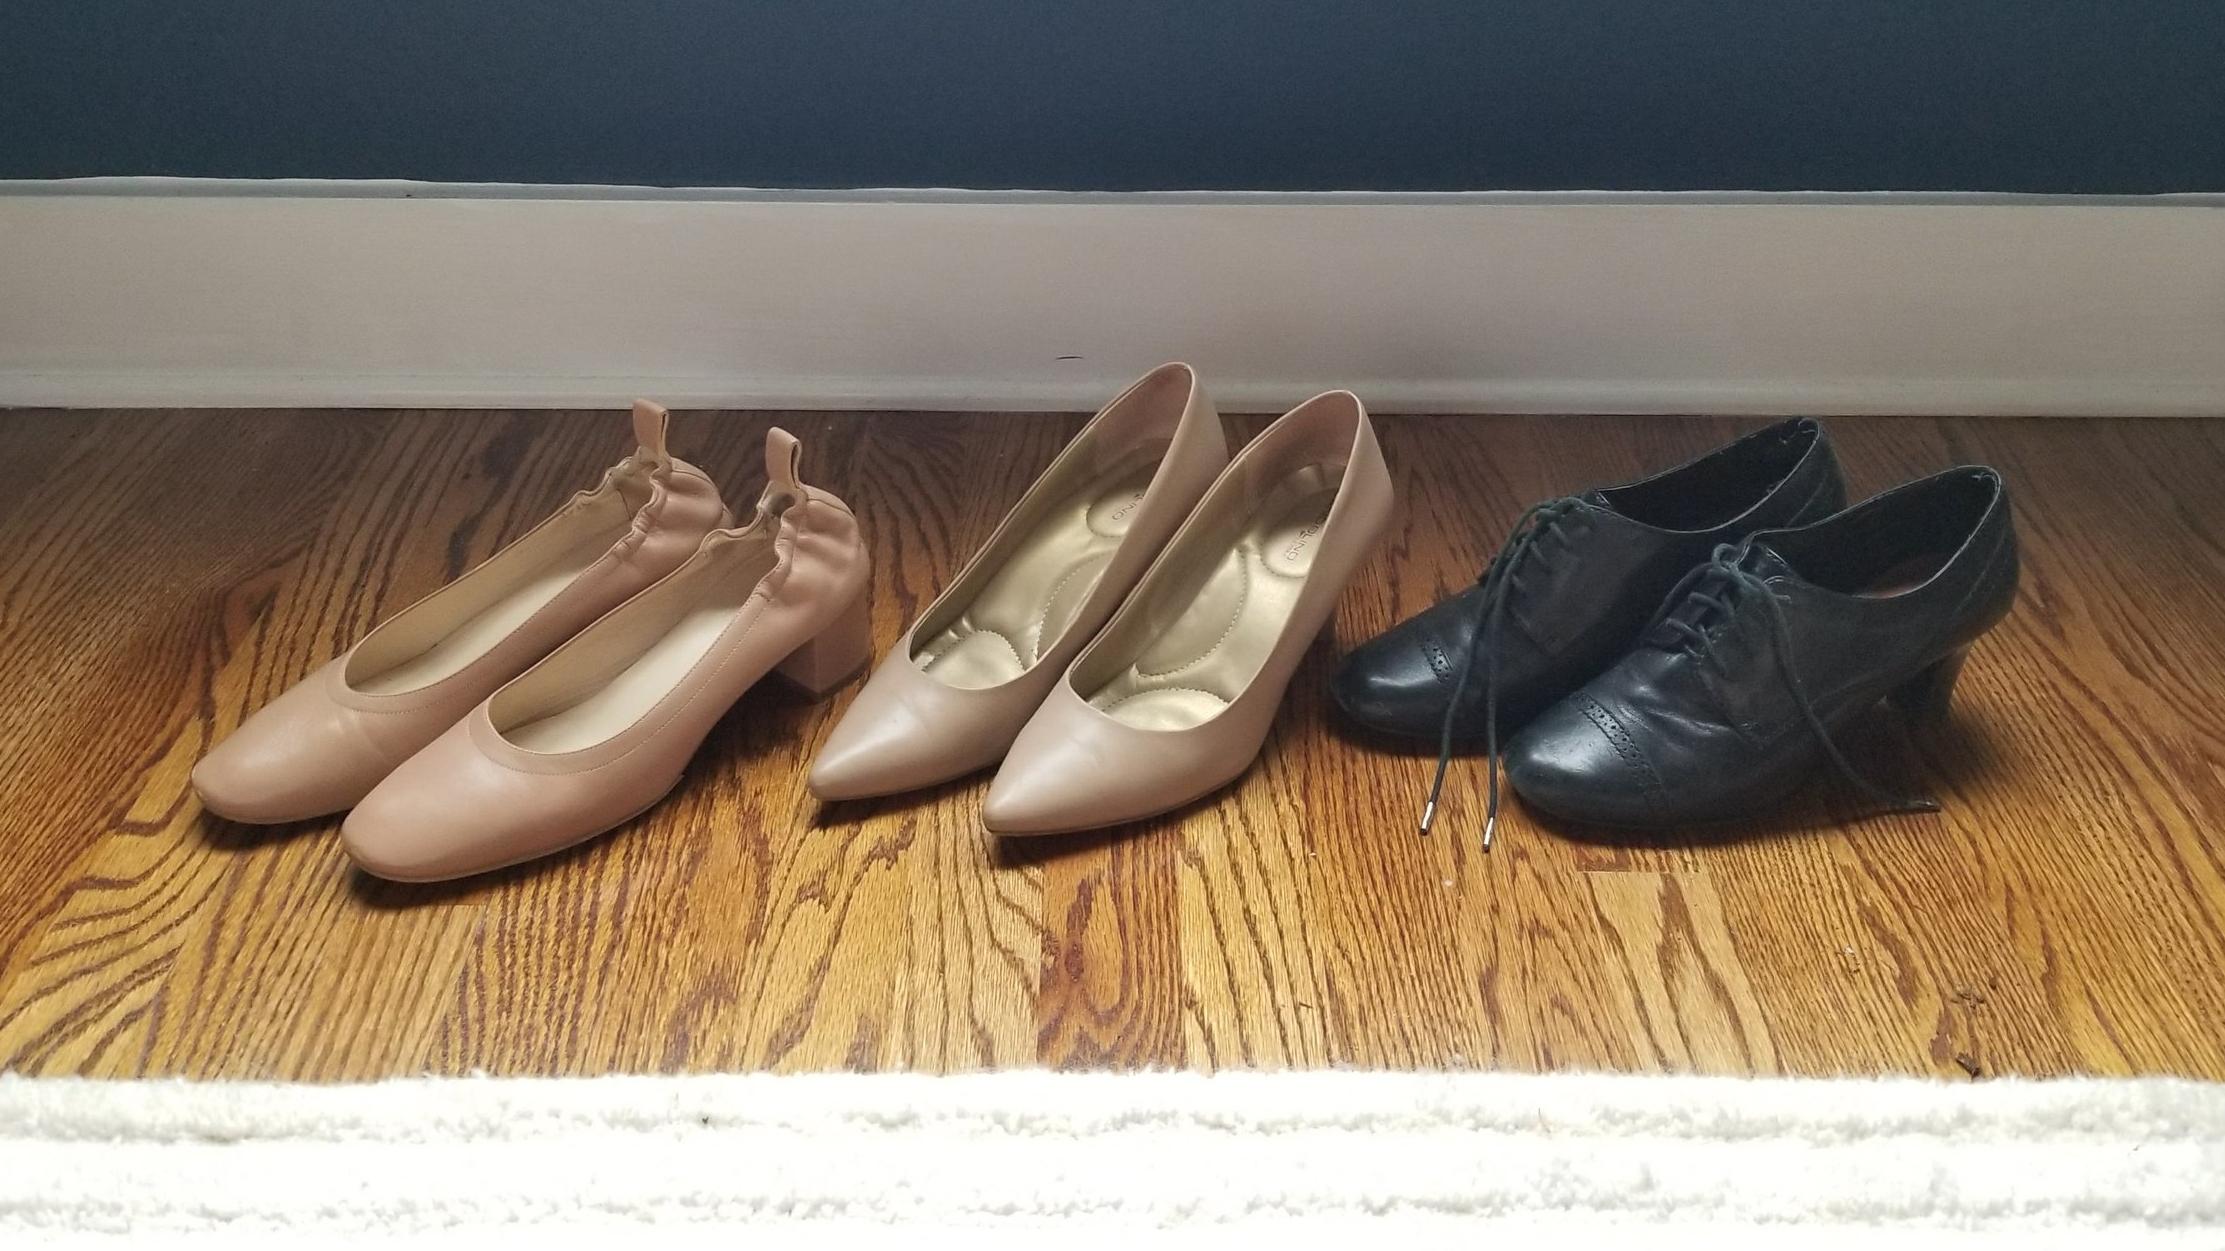 L to R: Everlane heels, pointy stiletto pumps, Etienne Aigner oxford heels.